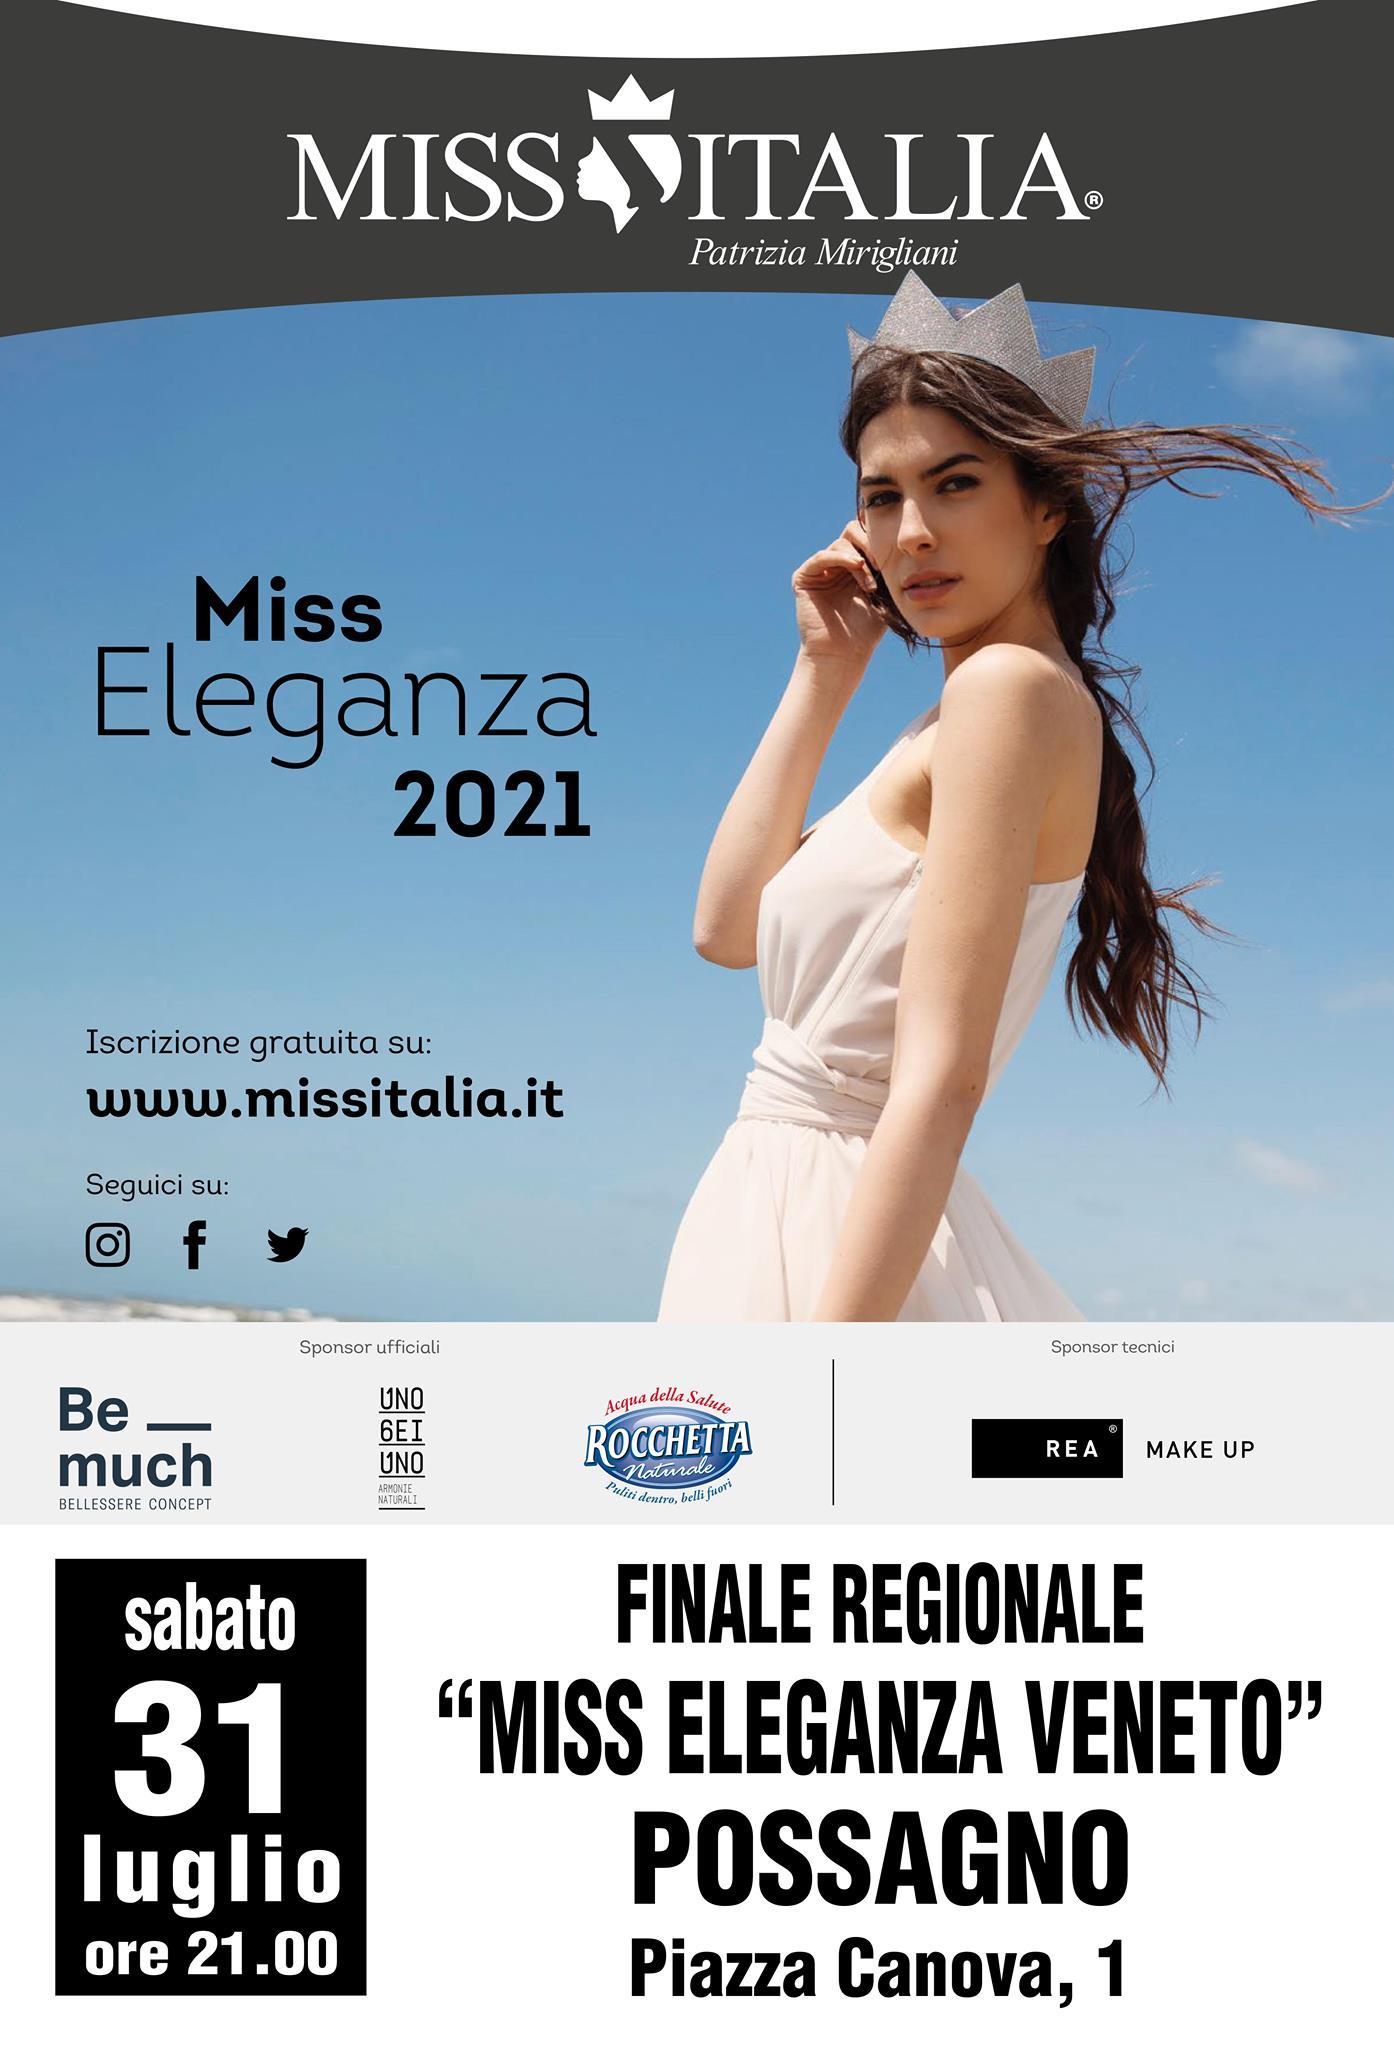 Miss Italia in Veneto 31 luglio 2021